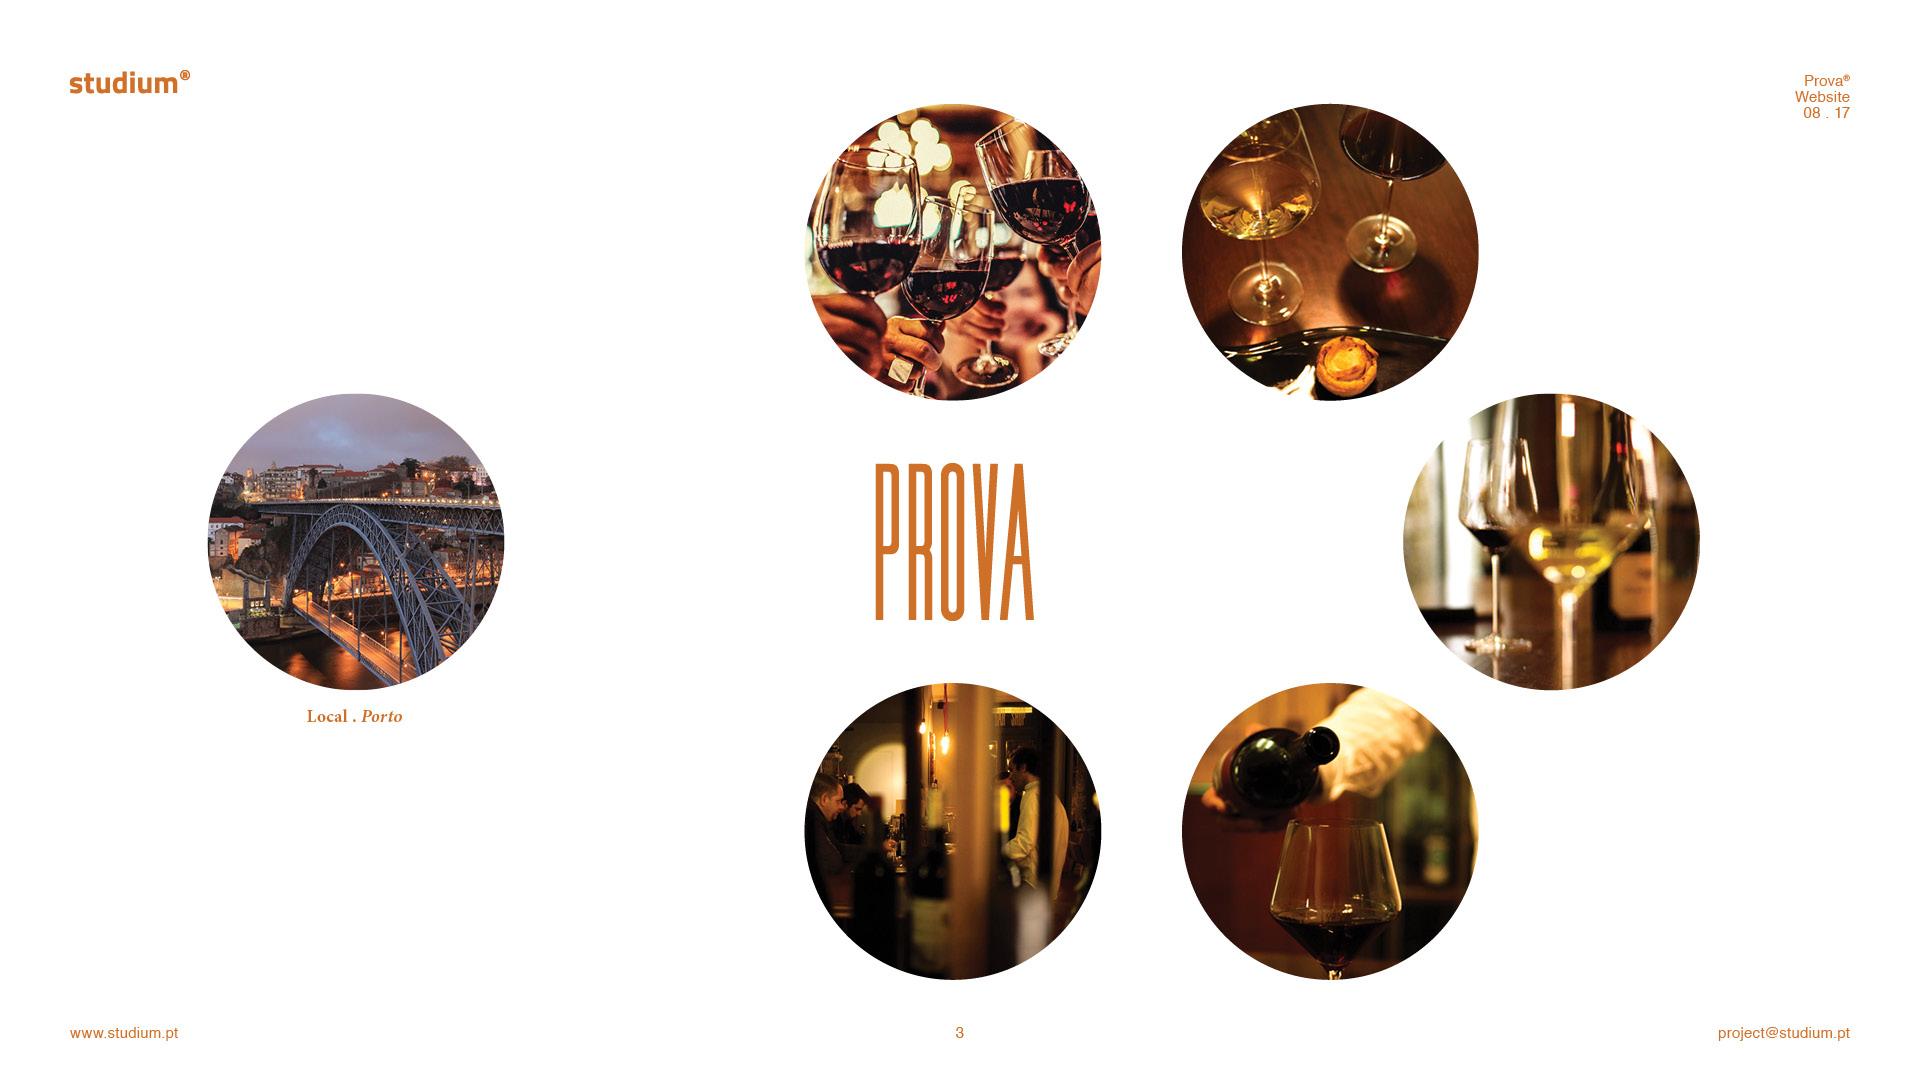 WEB20170000-Prova-Website-Presentation-PU.03